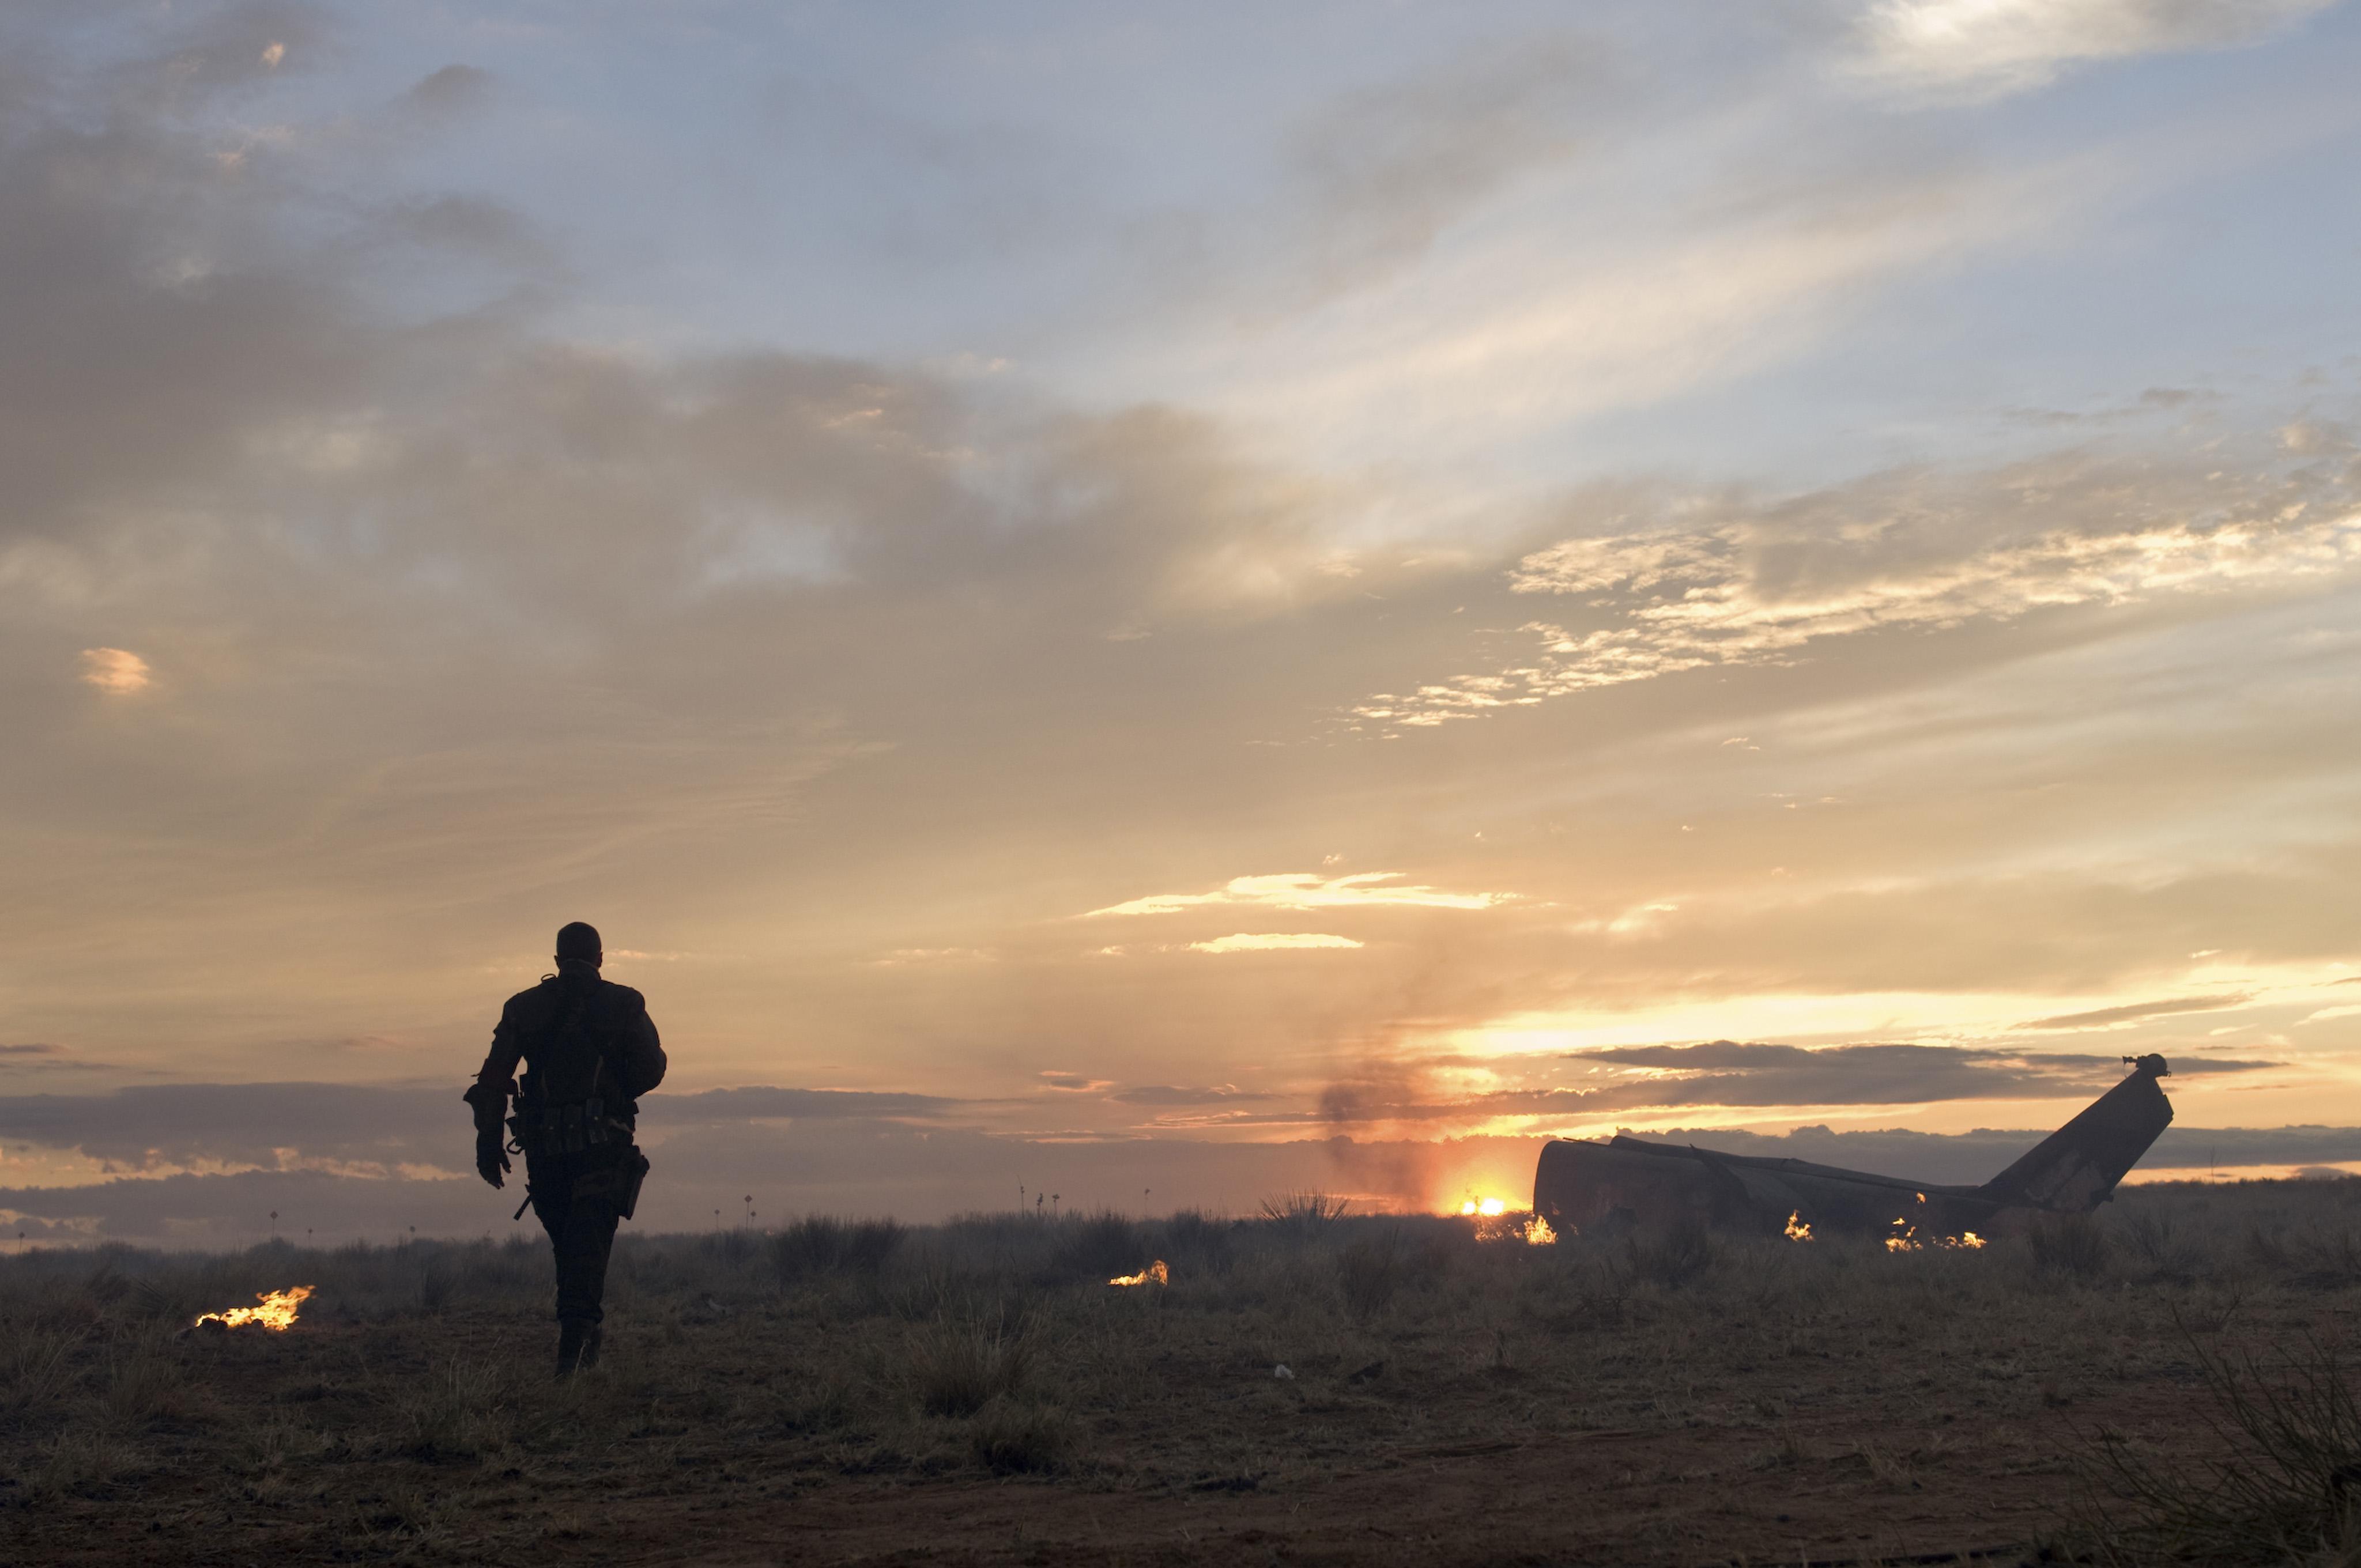 кадры из фильма Терминатор: Да придет спаситель